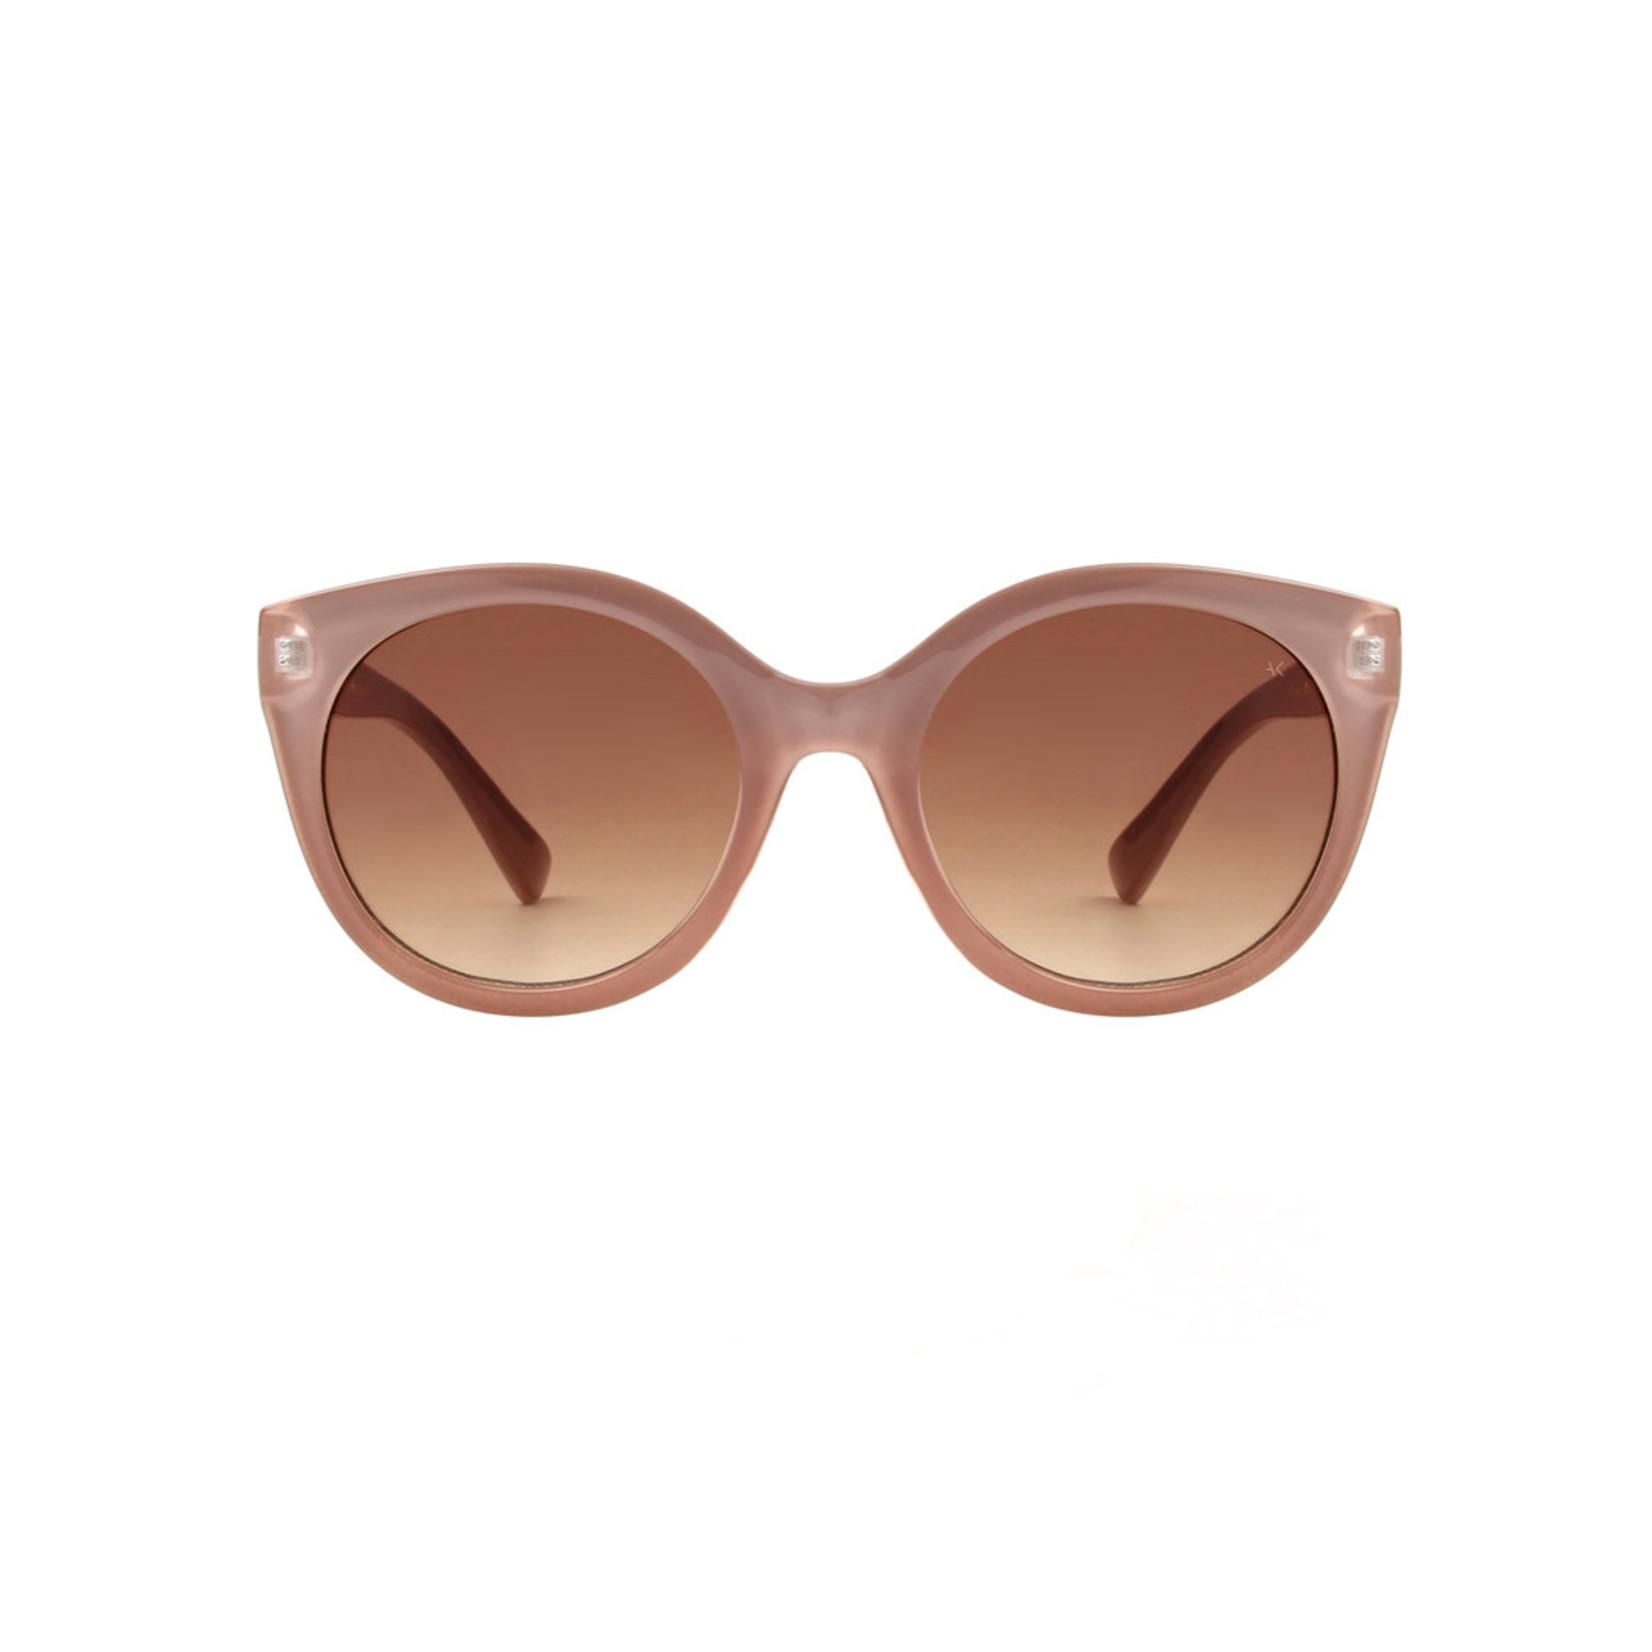 Kjearbede Kjearbede zonnebril  Butterfly Light Grey /mt -8